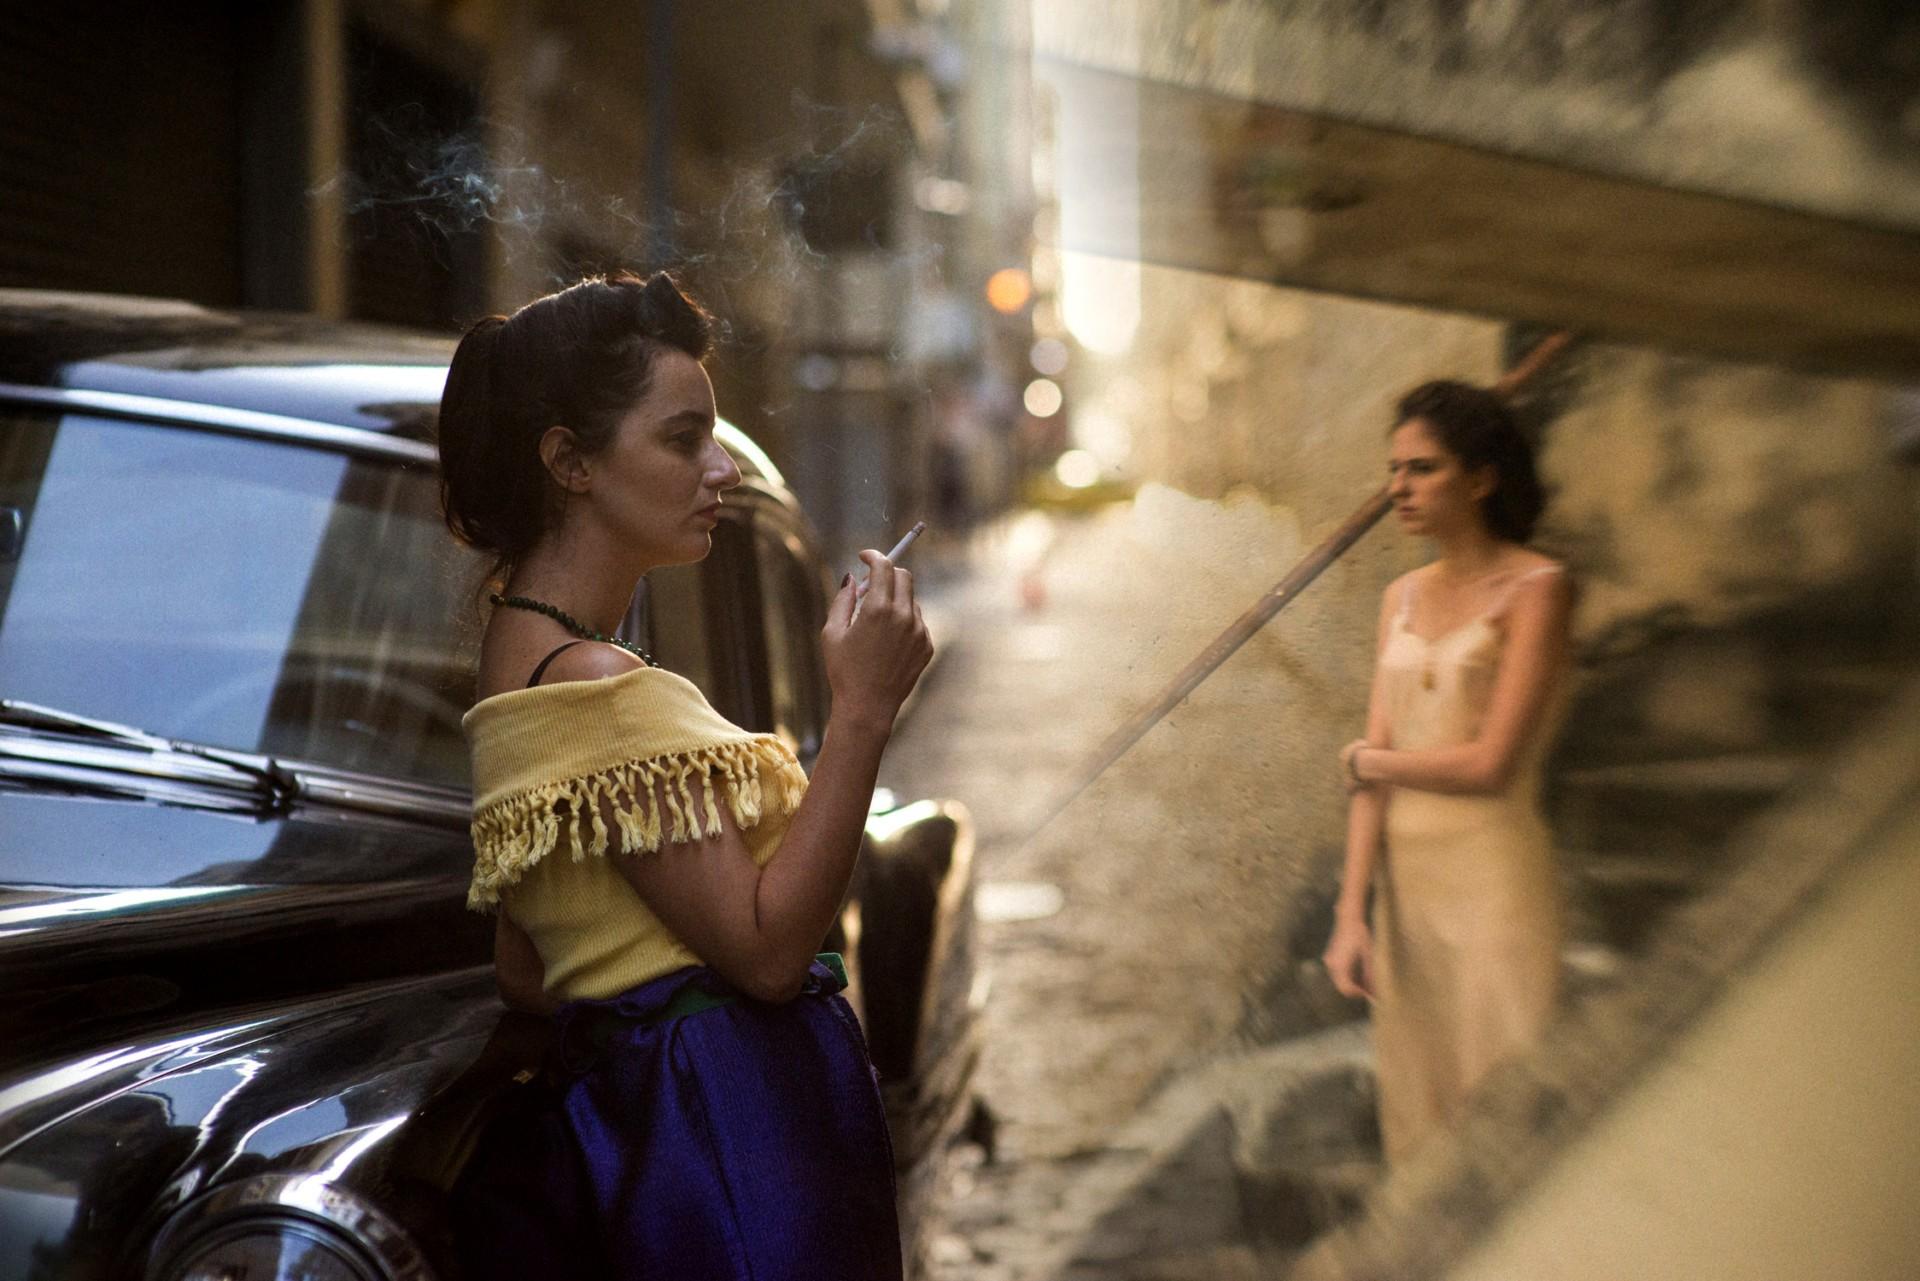 Die Sehnsucht der Schwestern Gusmao - FILMTIPPS FÜR DEZEMBER (Teil1)